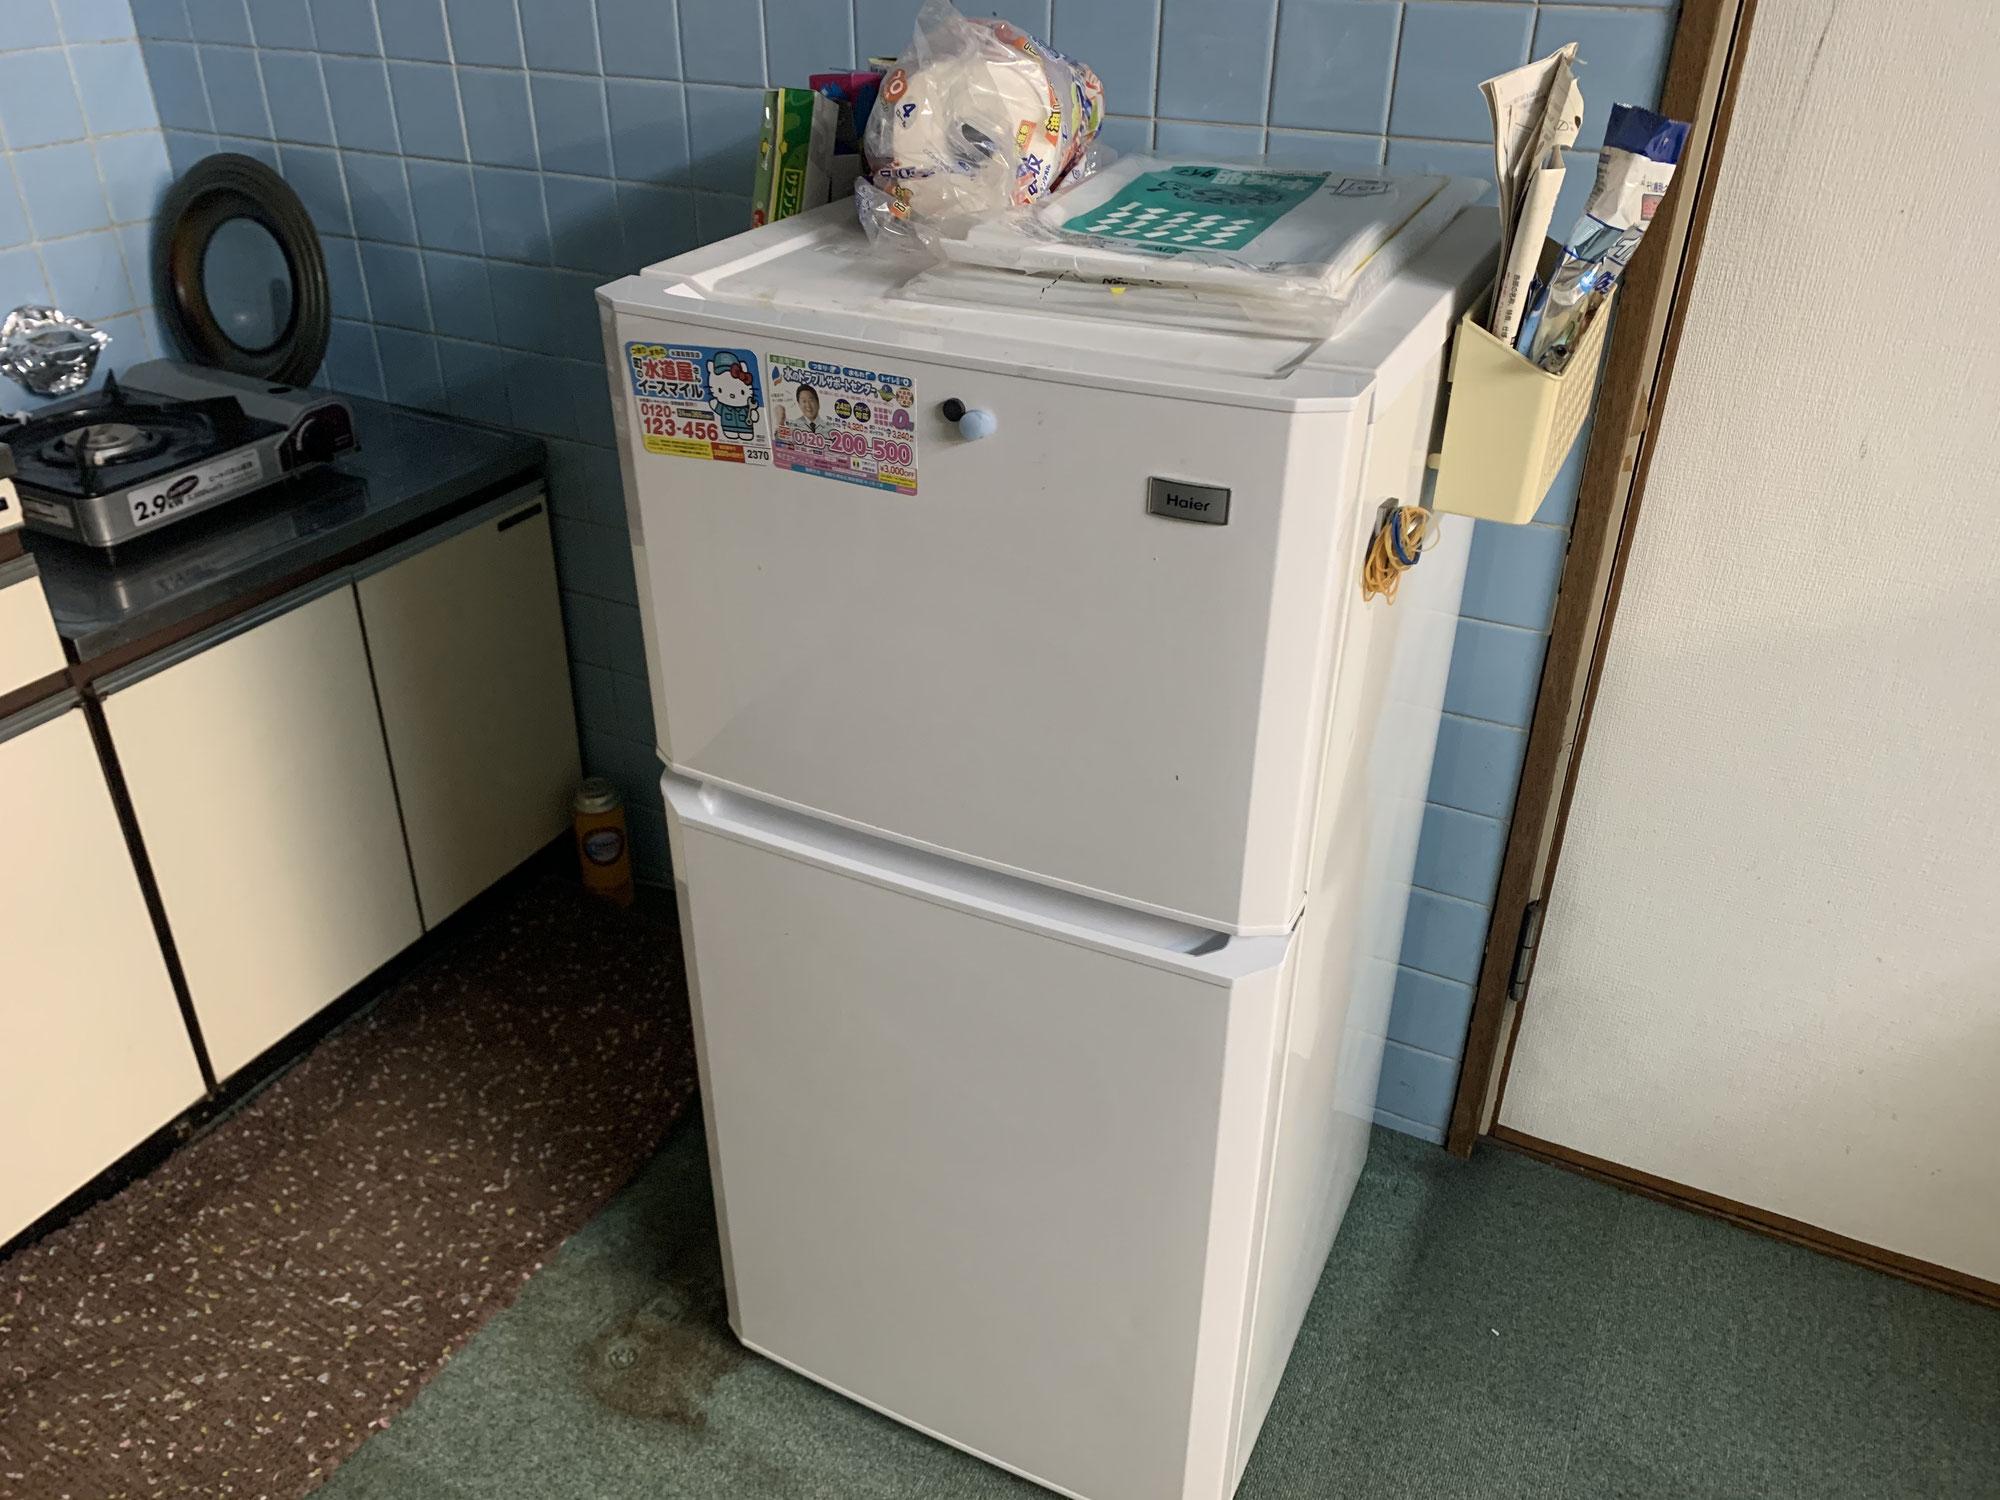 【びおとーぷの運営資金を助けてもらうプロジェクト】冷蔵庫を入れ替えました!